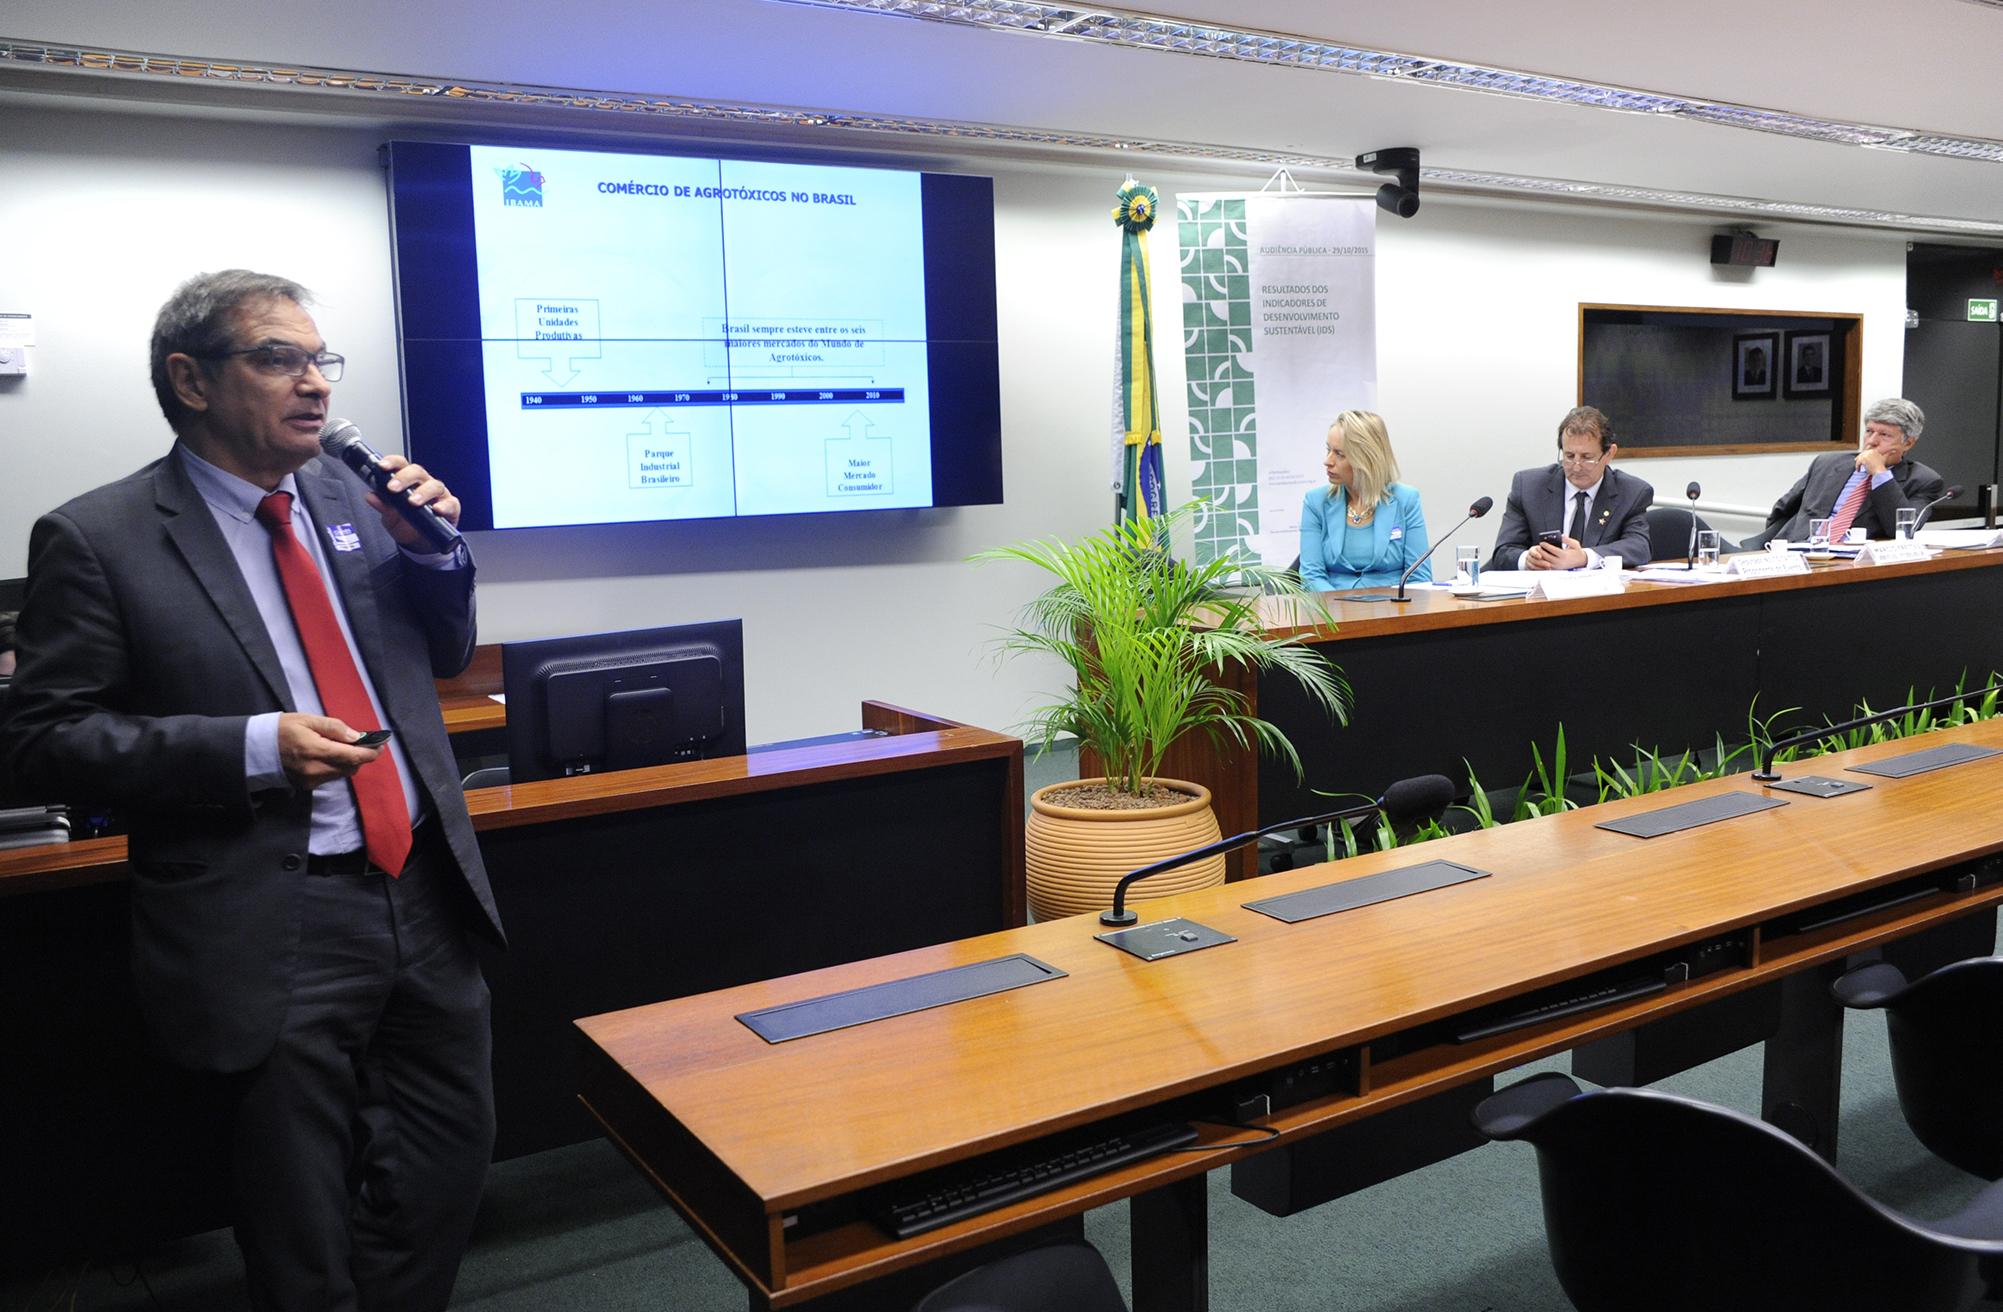 Audiência pública sobre os resultados dos Indicadores de Desenvolvimento Sustentável (IDS). Coordenador geral de Avaliação e Controle de Substancias Quimicas do Instituto Brasileiro dos Recursos Naturais Renováveis (IBAMA), Márcio Freitas